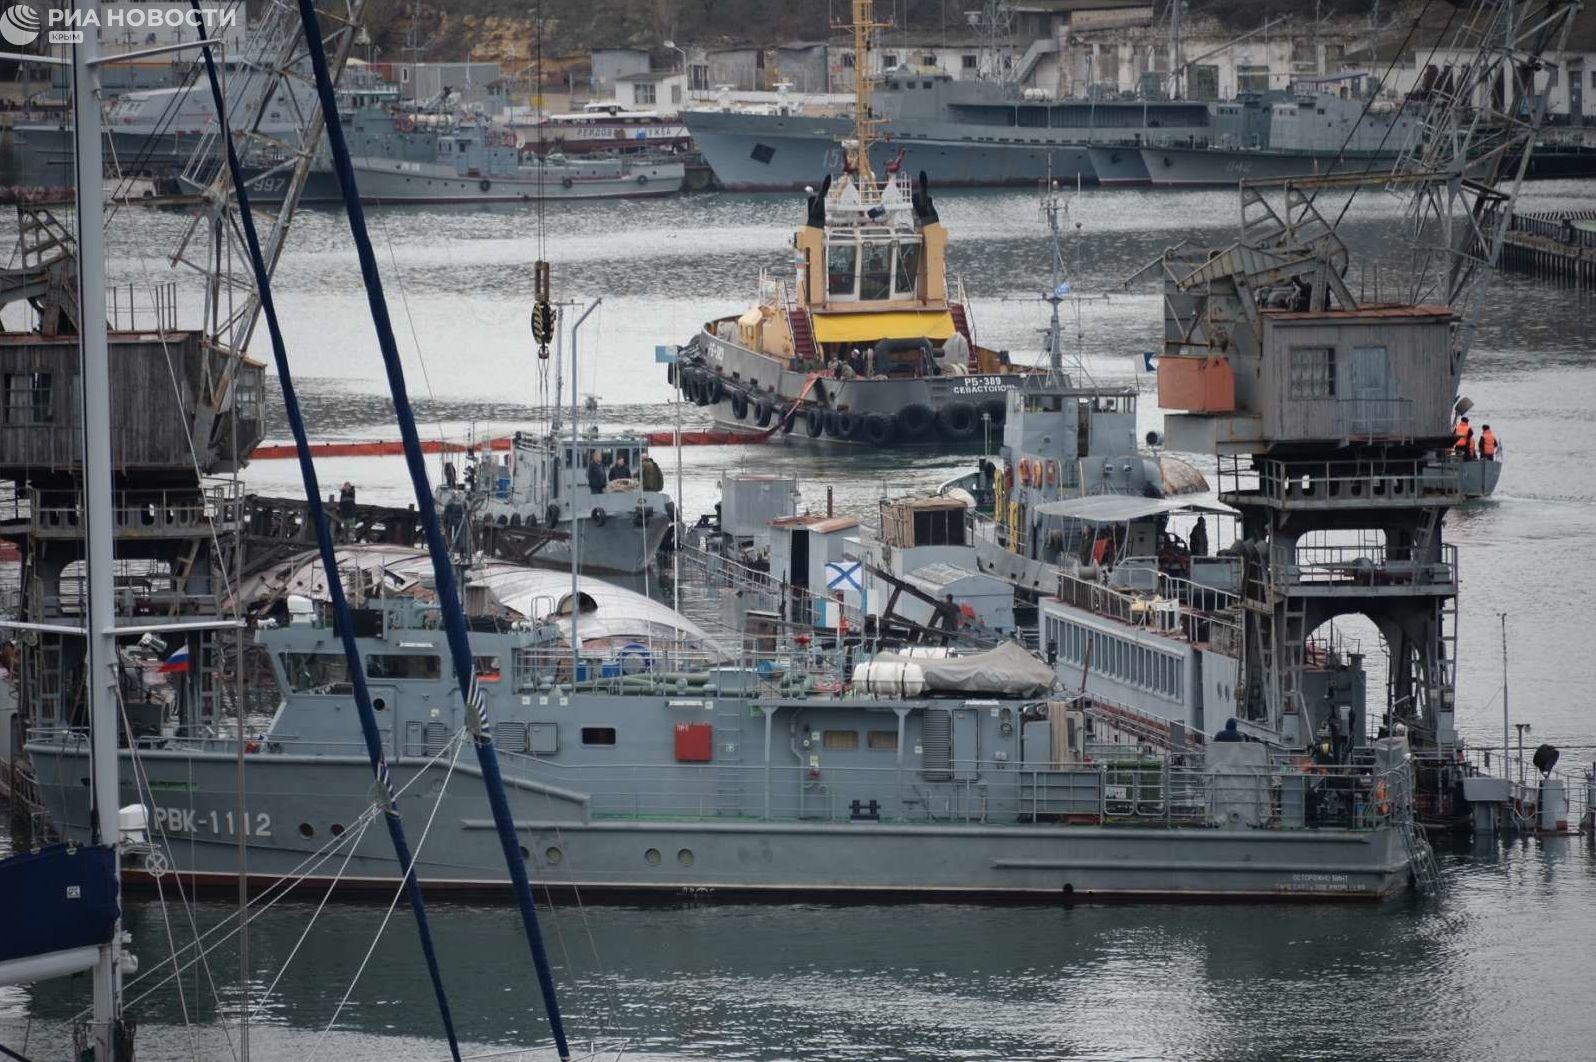 Появилось видео с затонувшим в Севастополе плавдоком и подлодкой